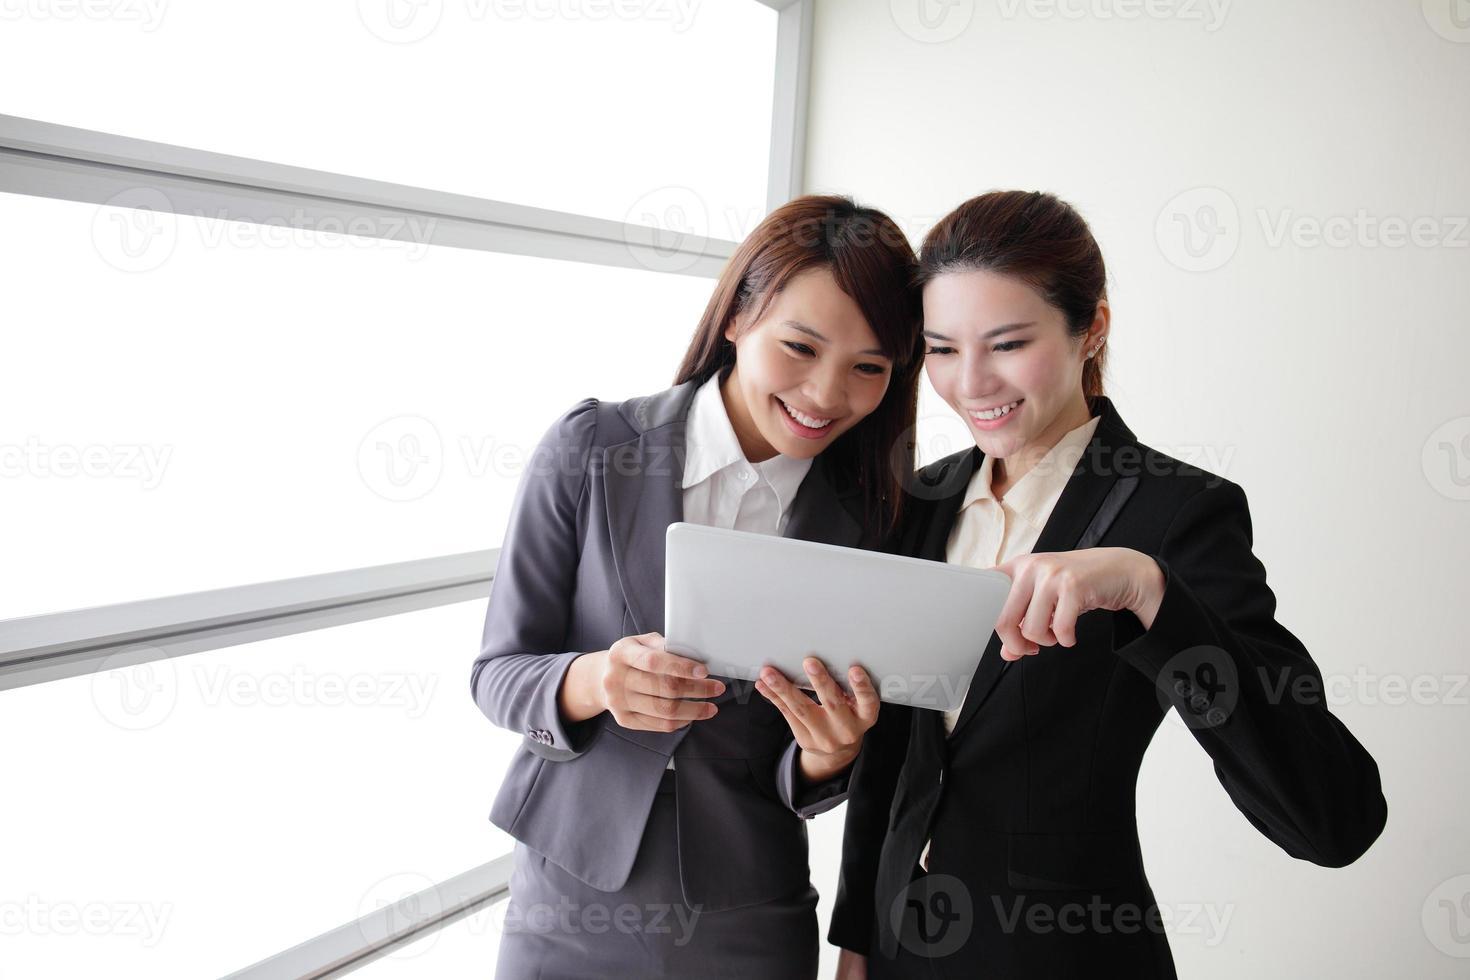 zakelijke vrouwen lachen gesprek foto